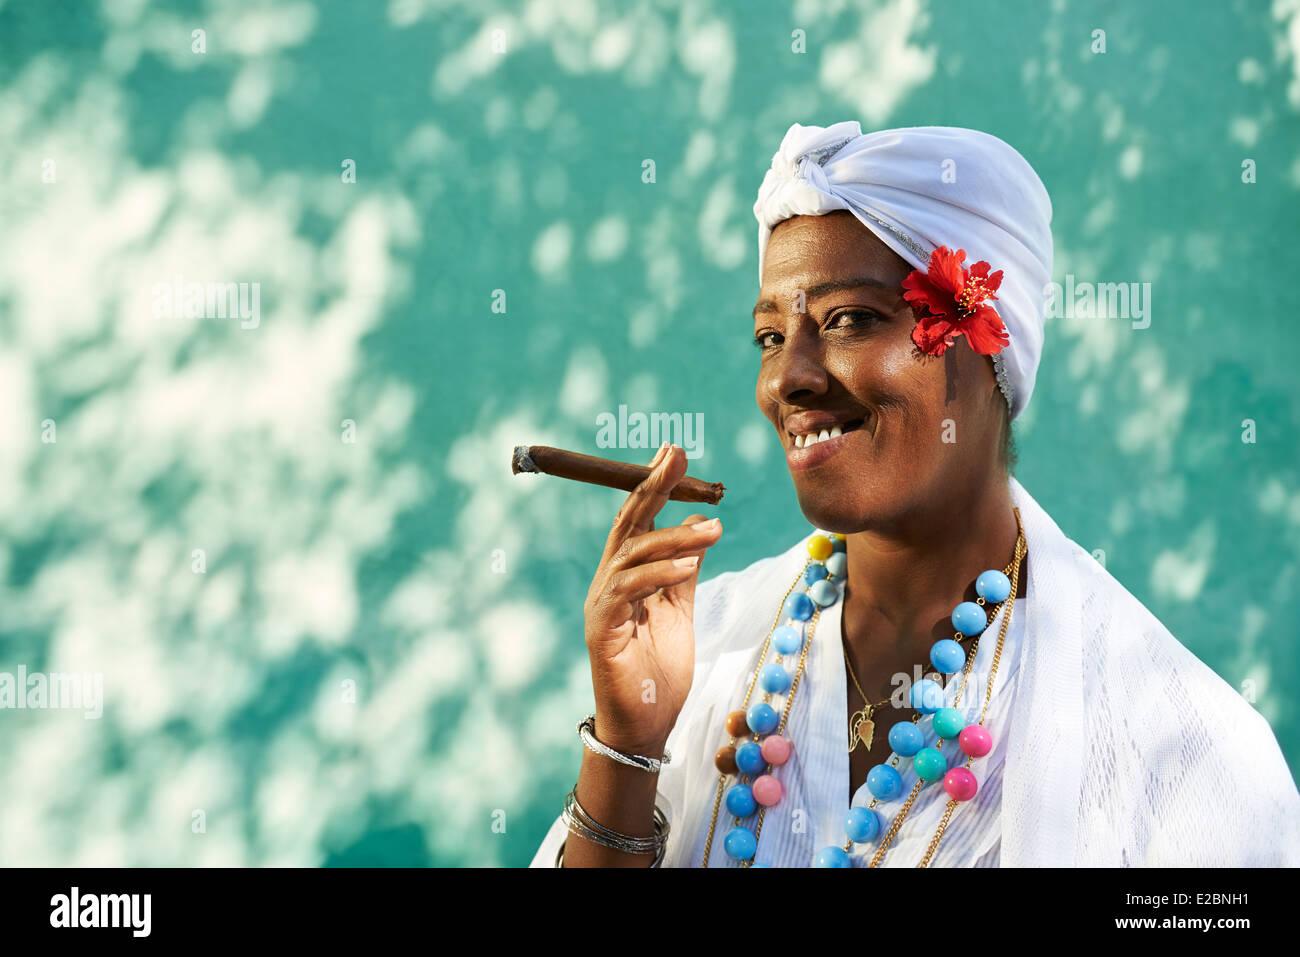 Porträt von Afrikanerin kubanische Cohiba Zigarre rauchend und mit Blick auf die Kamera zu Lächeln Stockfoto